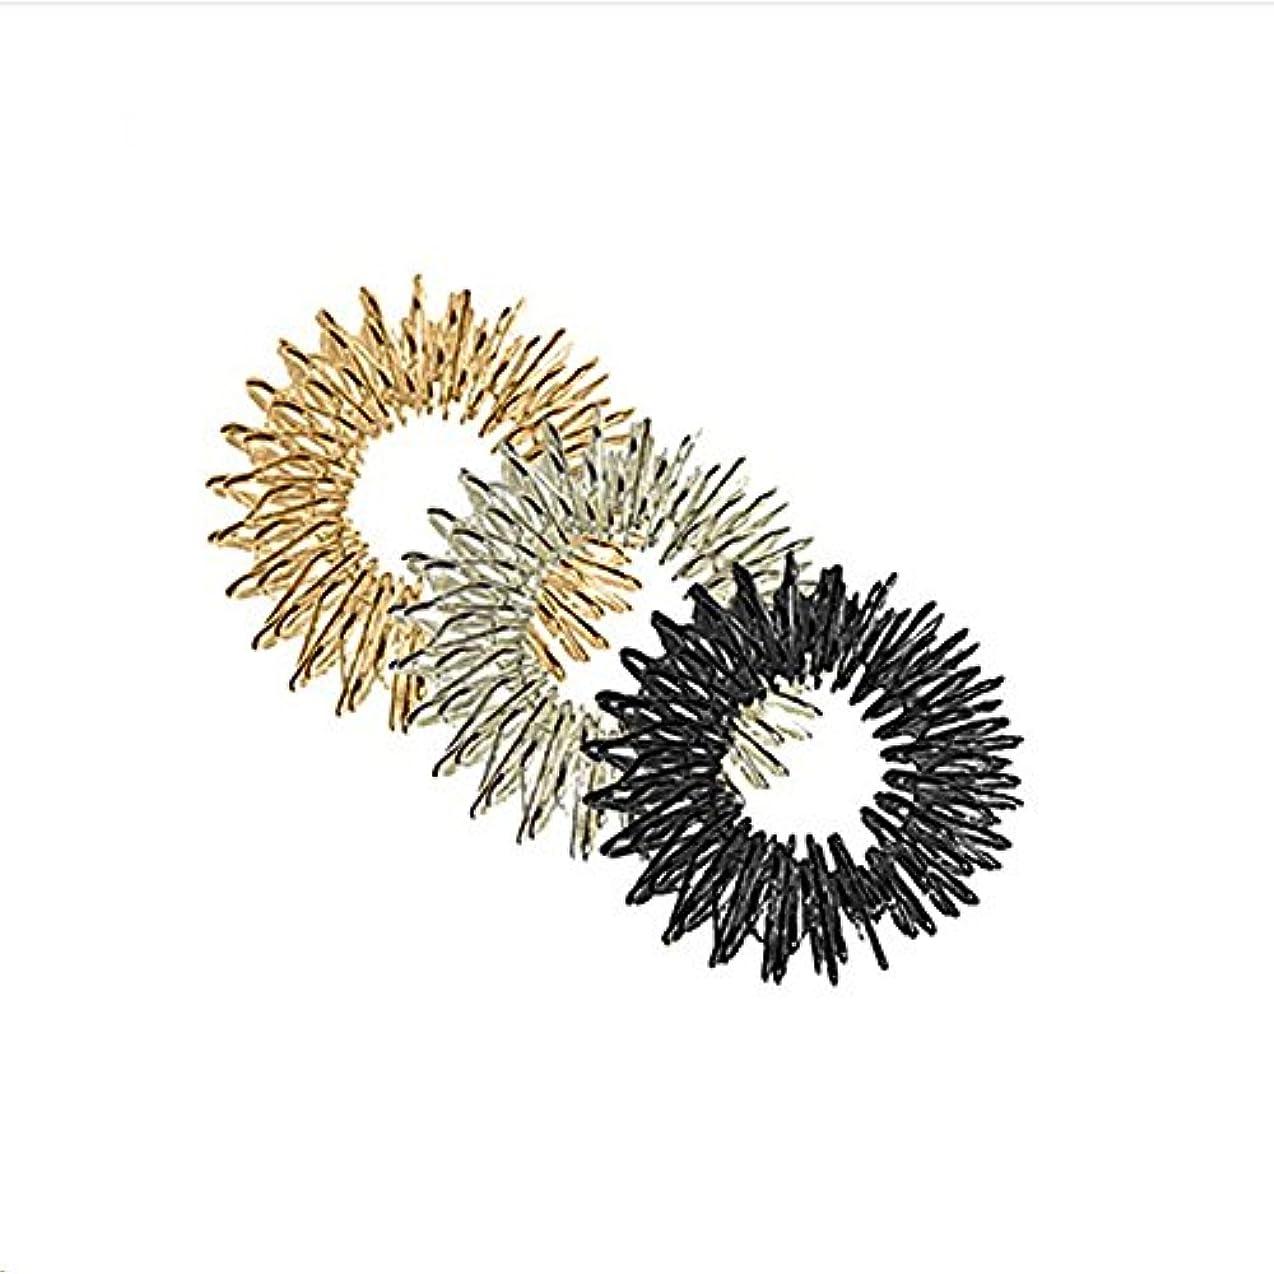 ふさわしいその他誕生ROSENICE 指圧リングマッサージリング3本指圧マッサージリング(ゴールド+シルバー+ブラック)